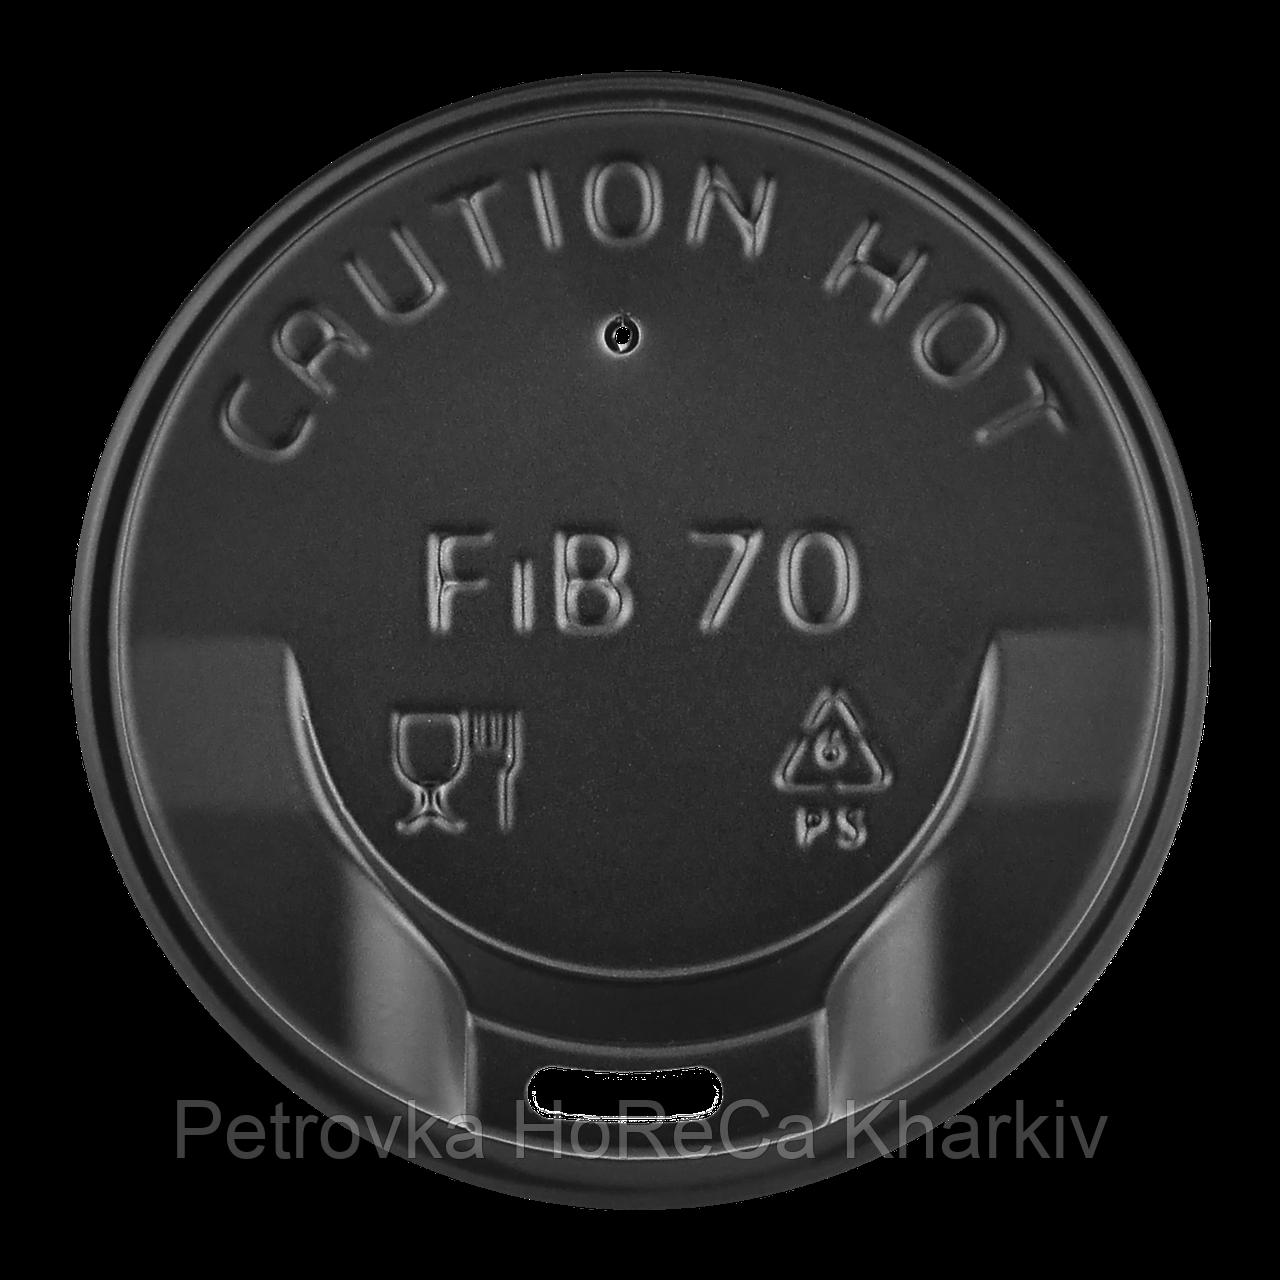 Крышка FiB 70 Черная 50шт/уп.175 стакан (1ящ/30уп/1500шт)